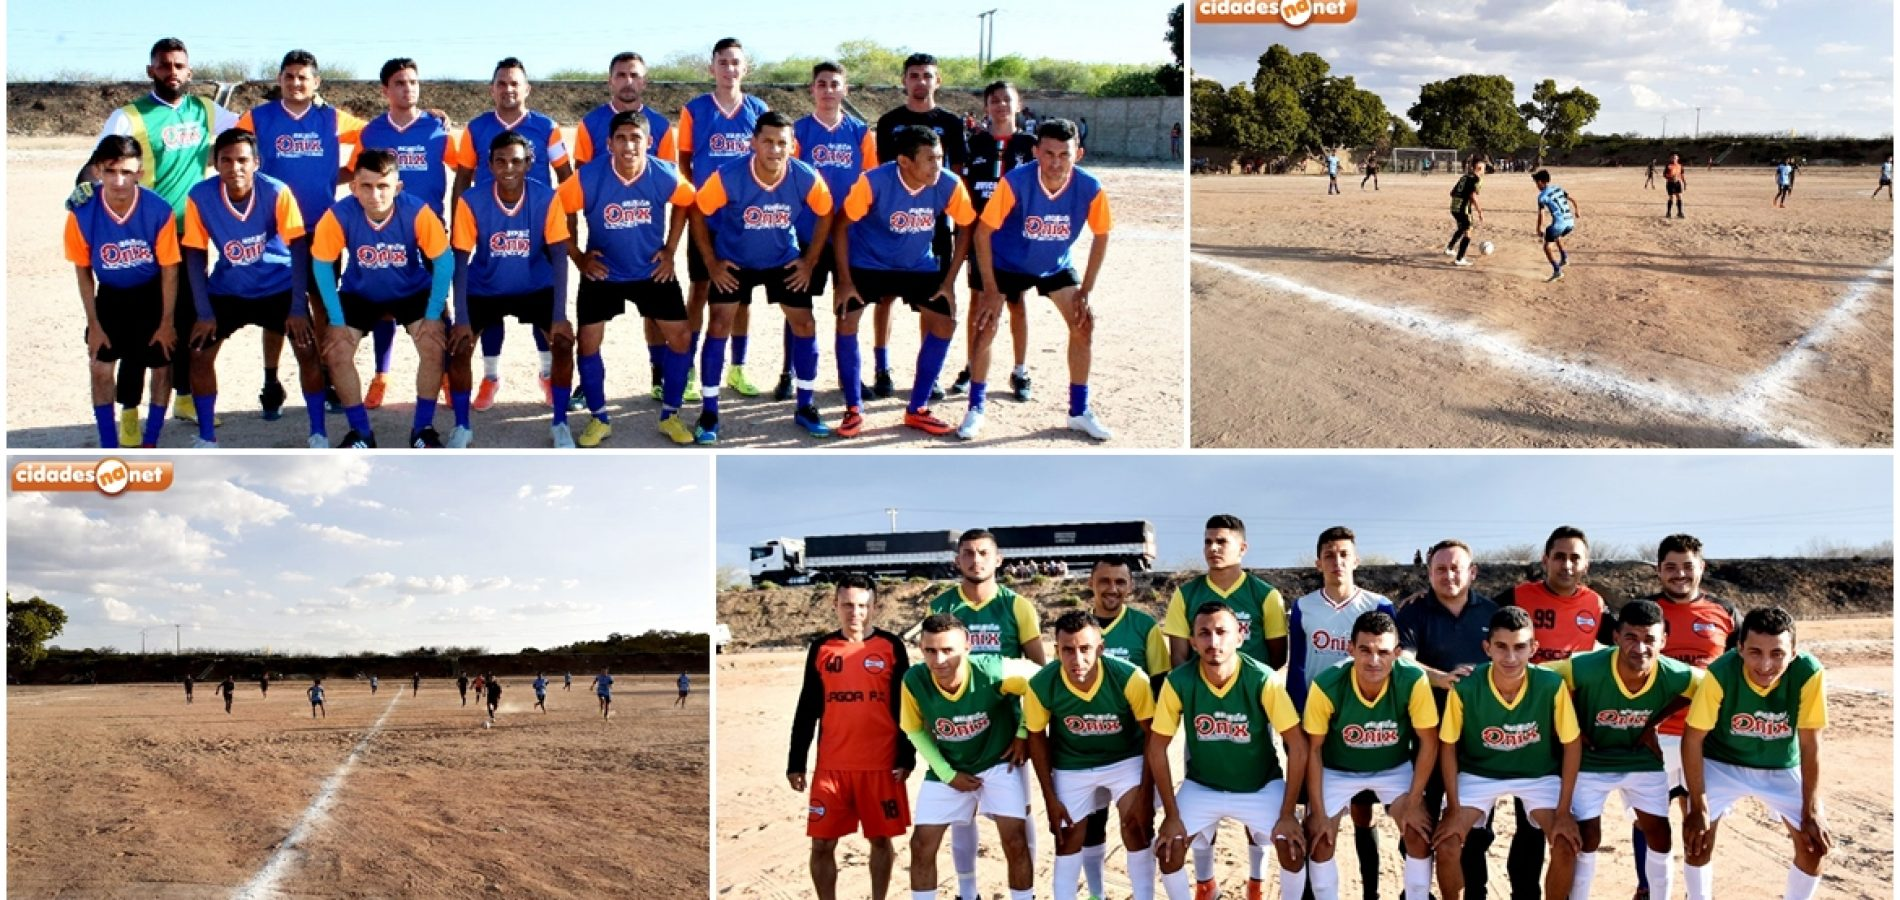 VILA NOVA │ São João e Lagoa jogam nesta sexta (29) pelas semifinais do 20º Campeonato de Futebol